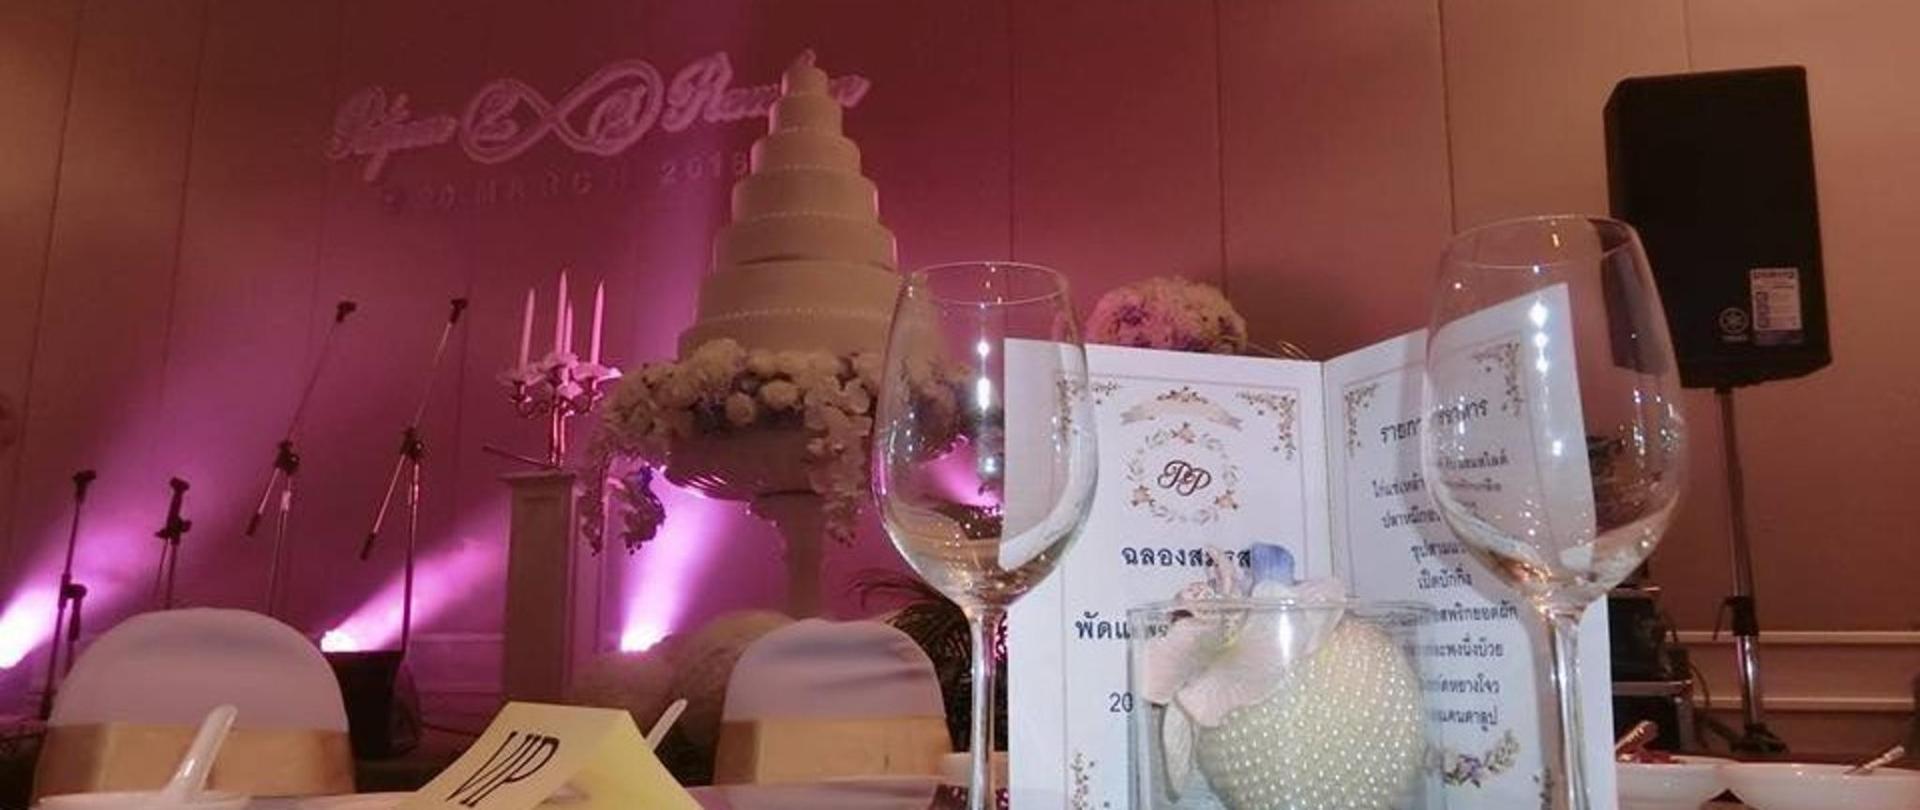 wedding6-2.jpg